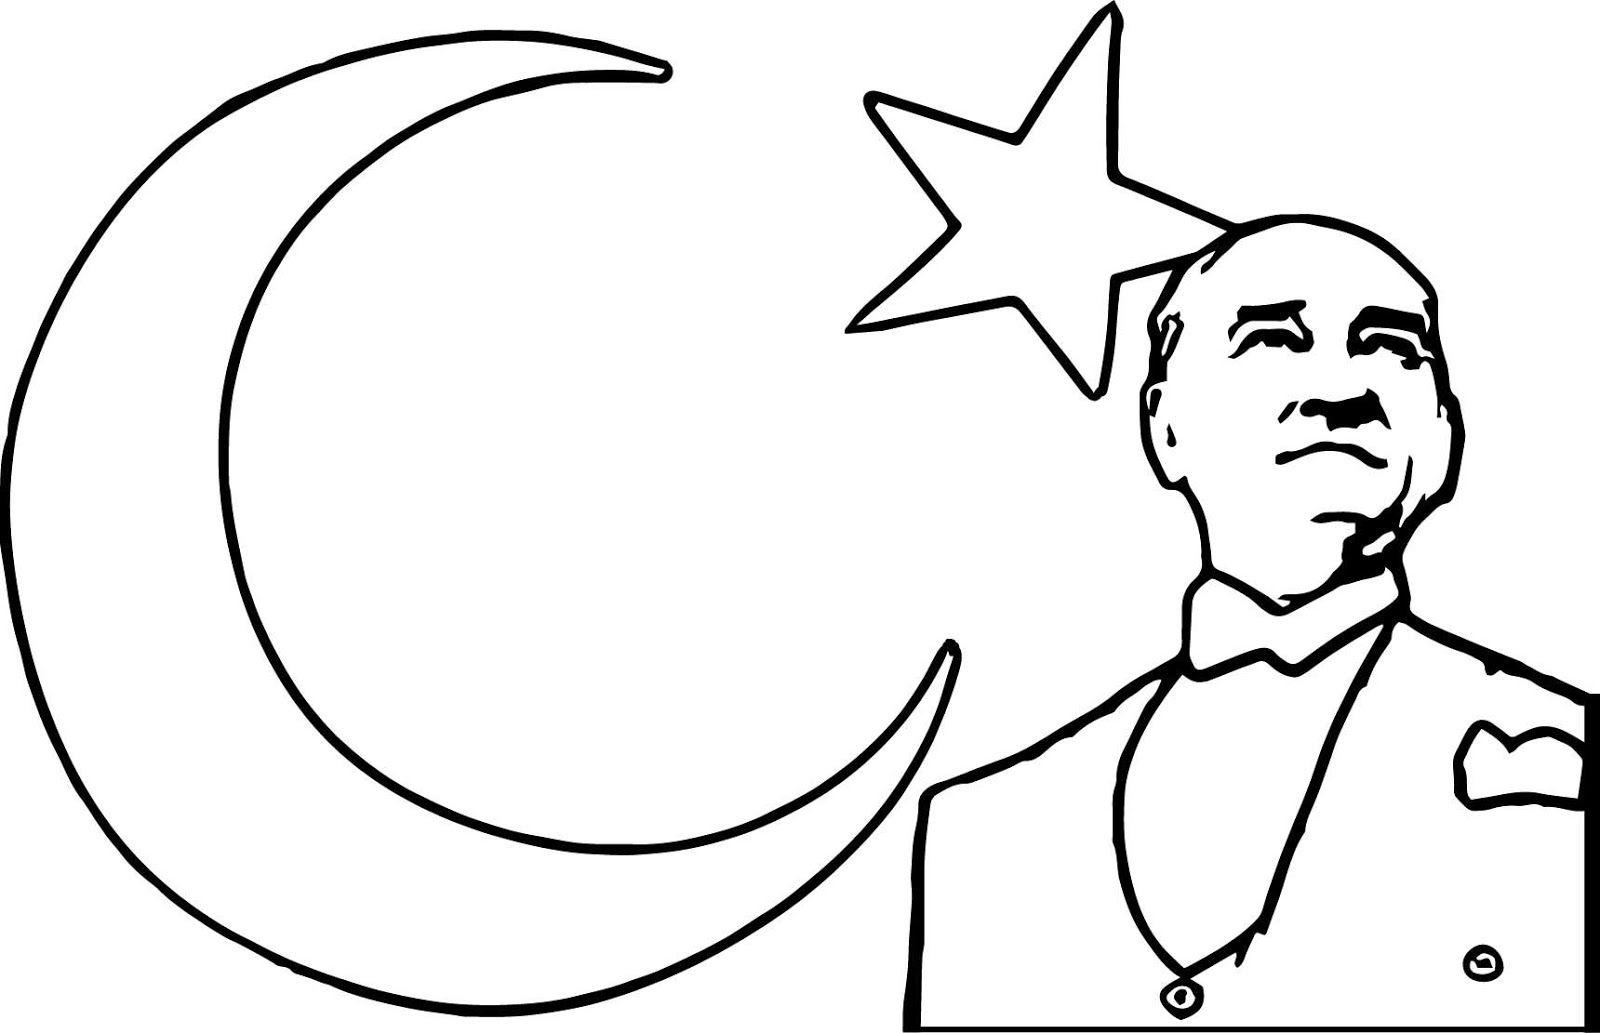 Türk Bayrağı Boyama Kağıdı çalışması Boyama Sayfaları